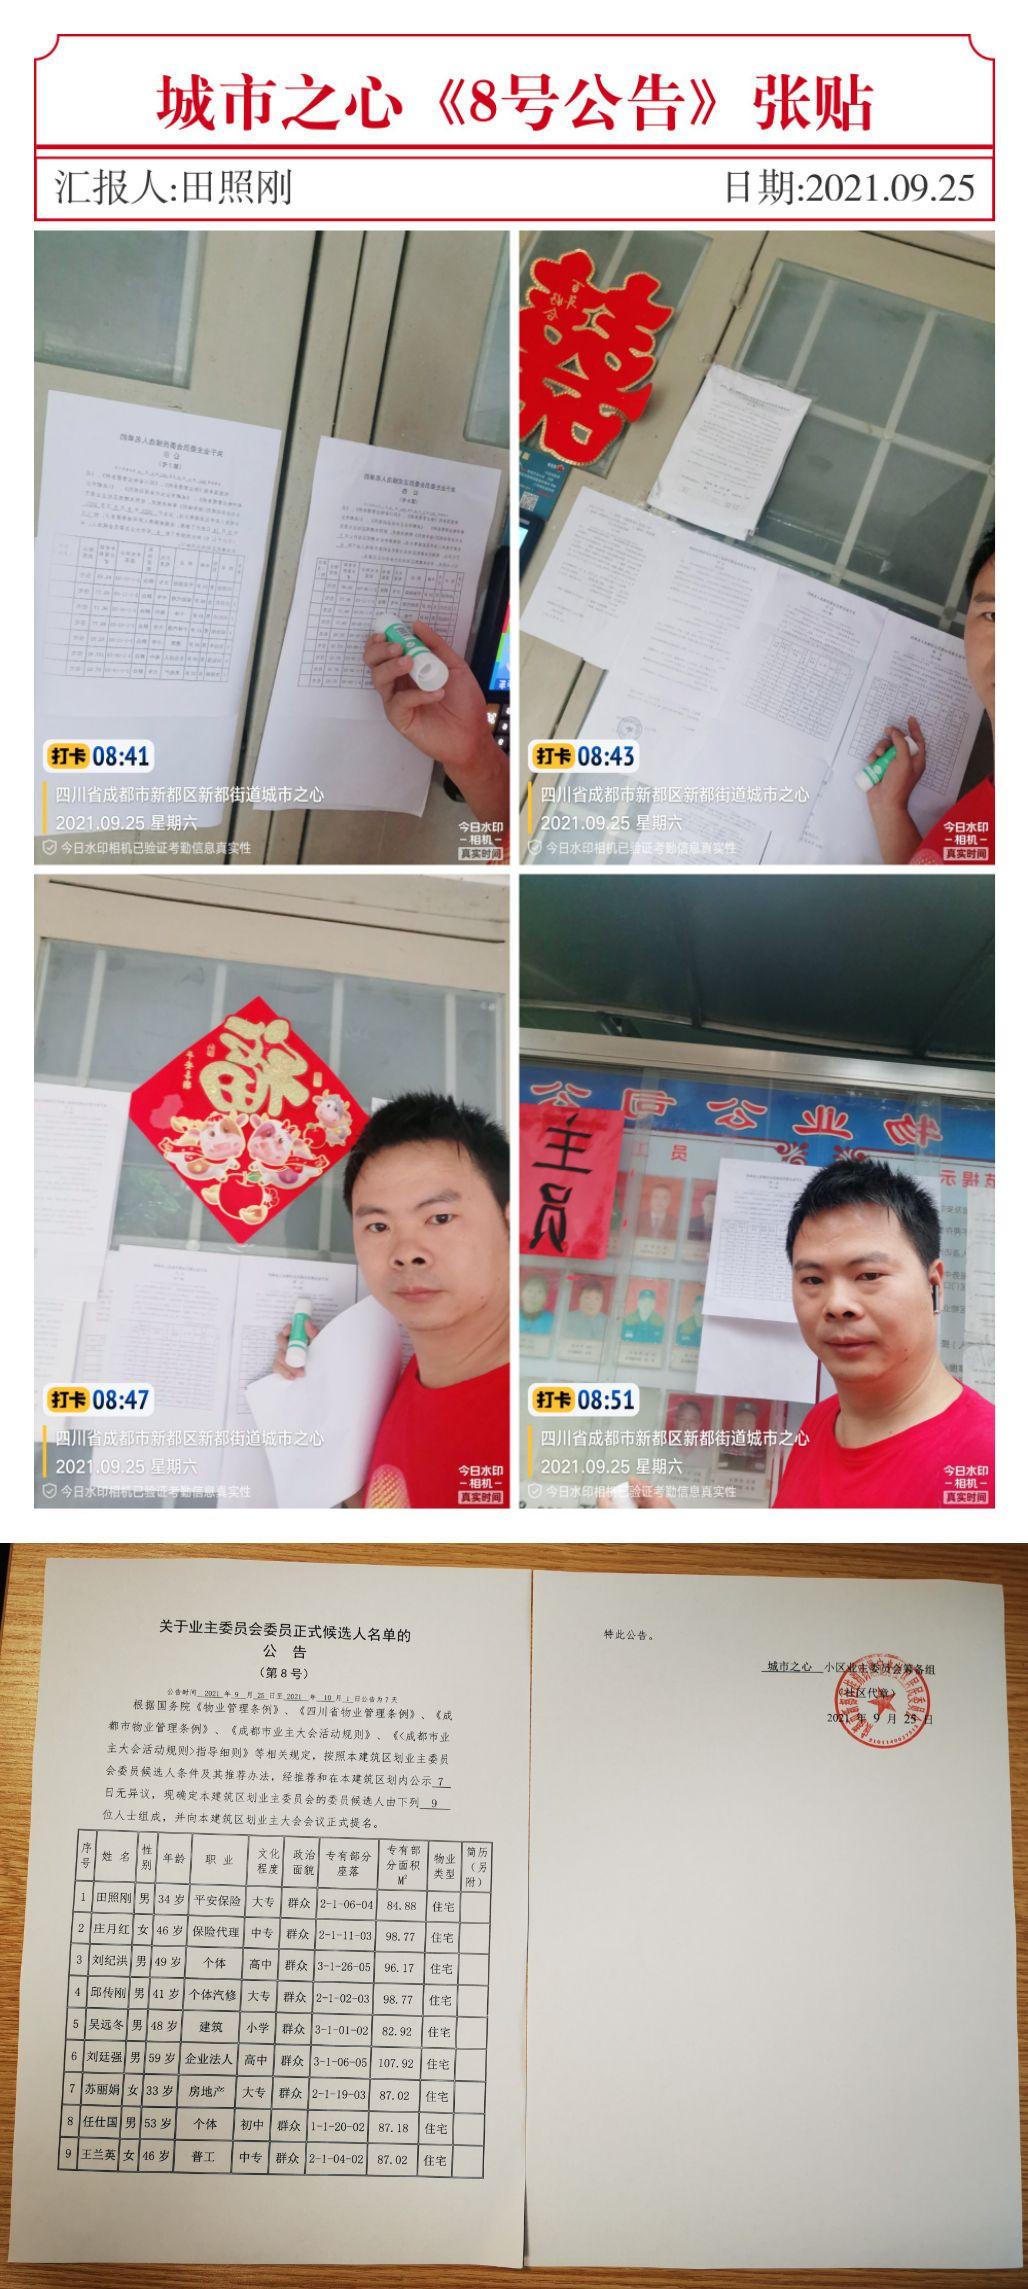 【业委会】2021.9.25宝光社区公告(第8号)公示7天 新都区业主委员会-第2张